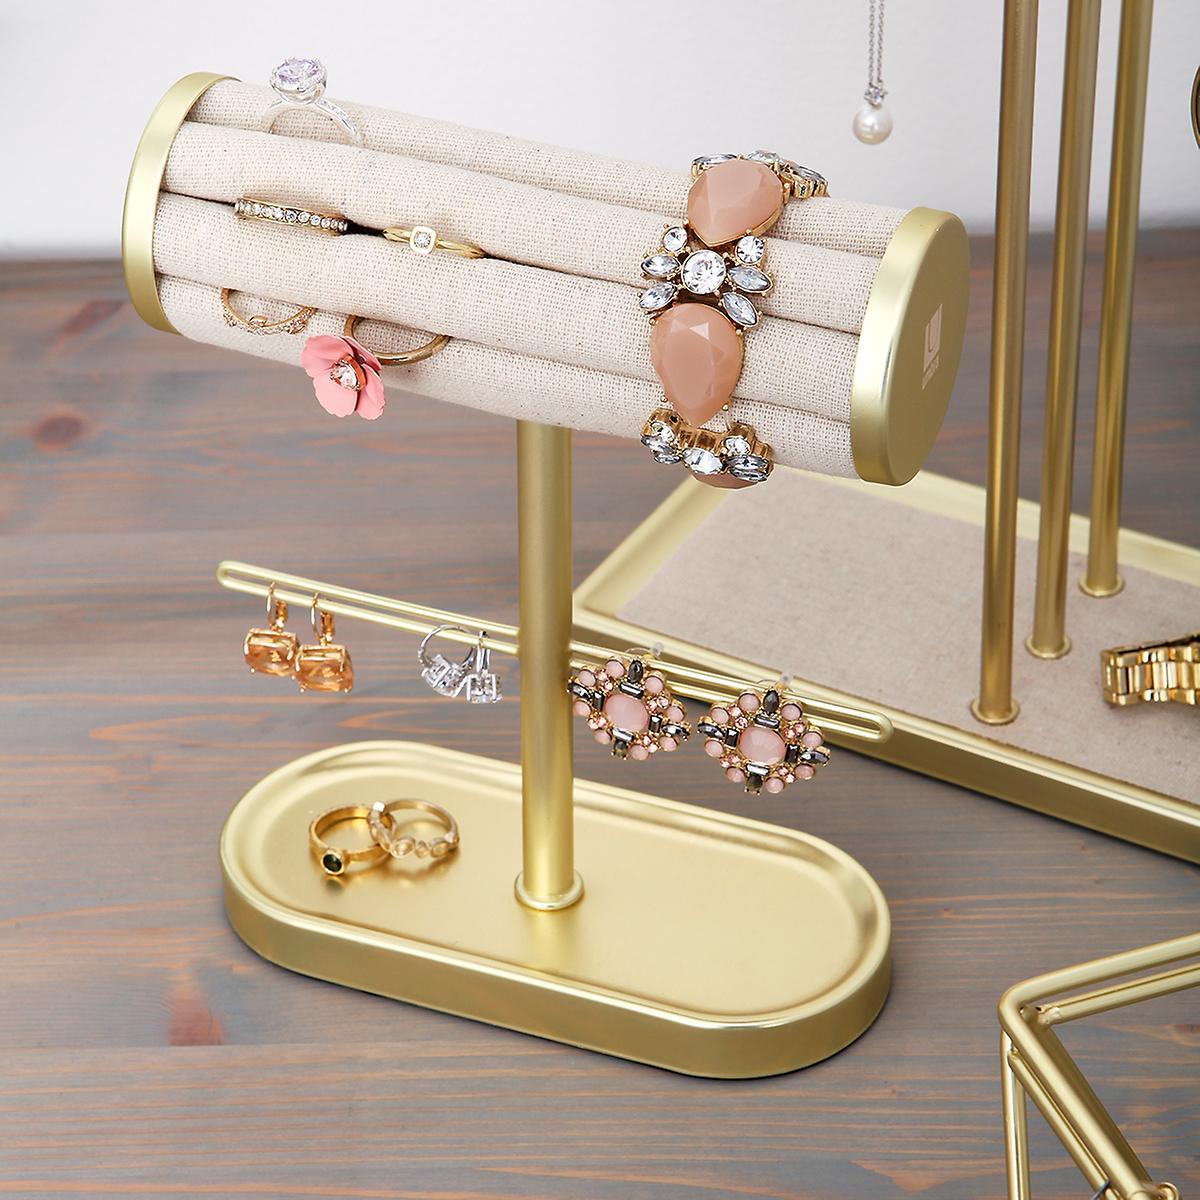 Umbra Gold Circa Bracelet & Ring Holder